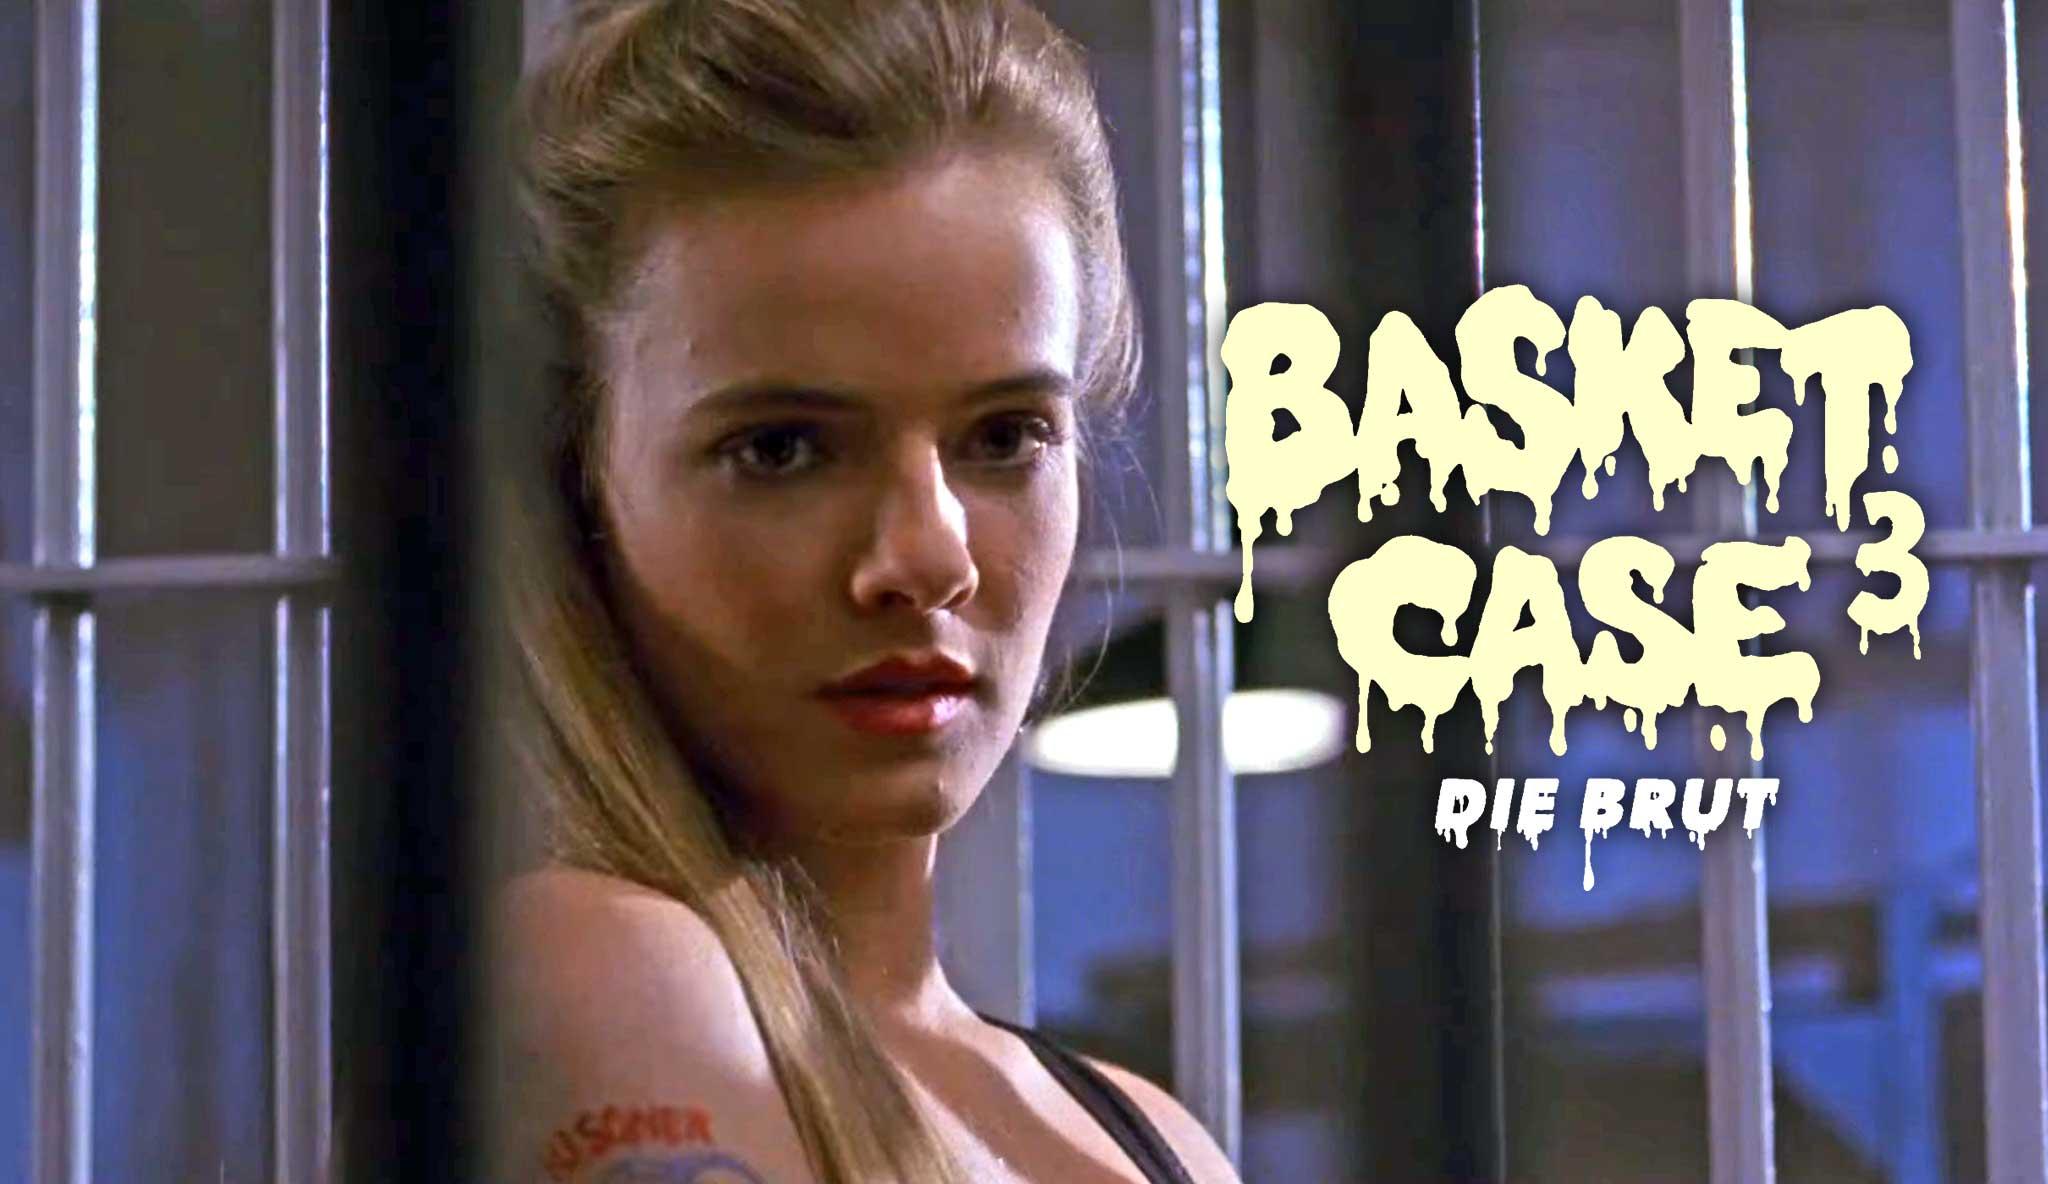 basket-case-3-die-brut\header.jpg